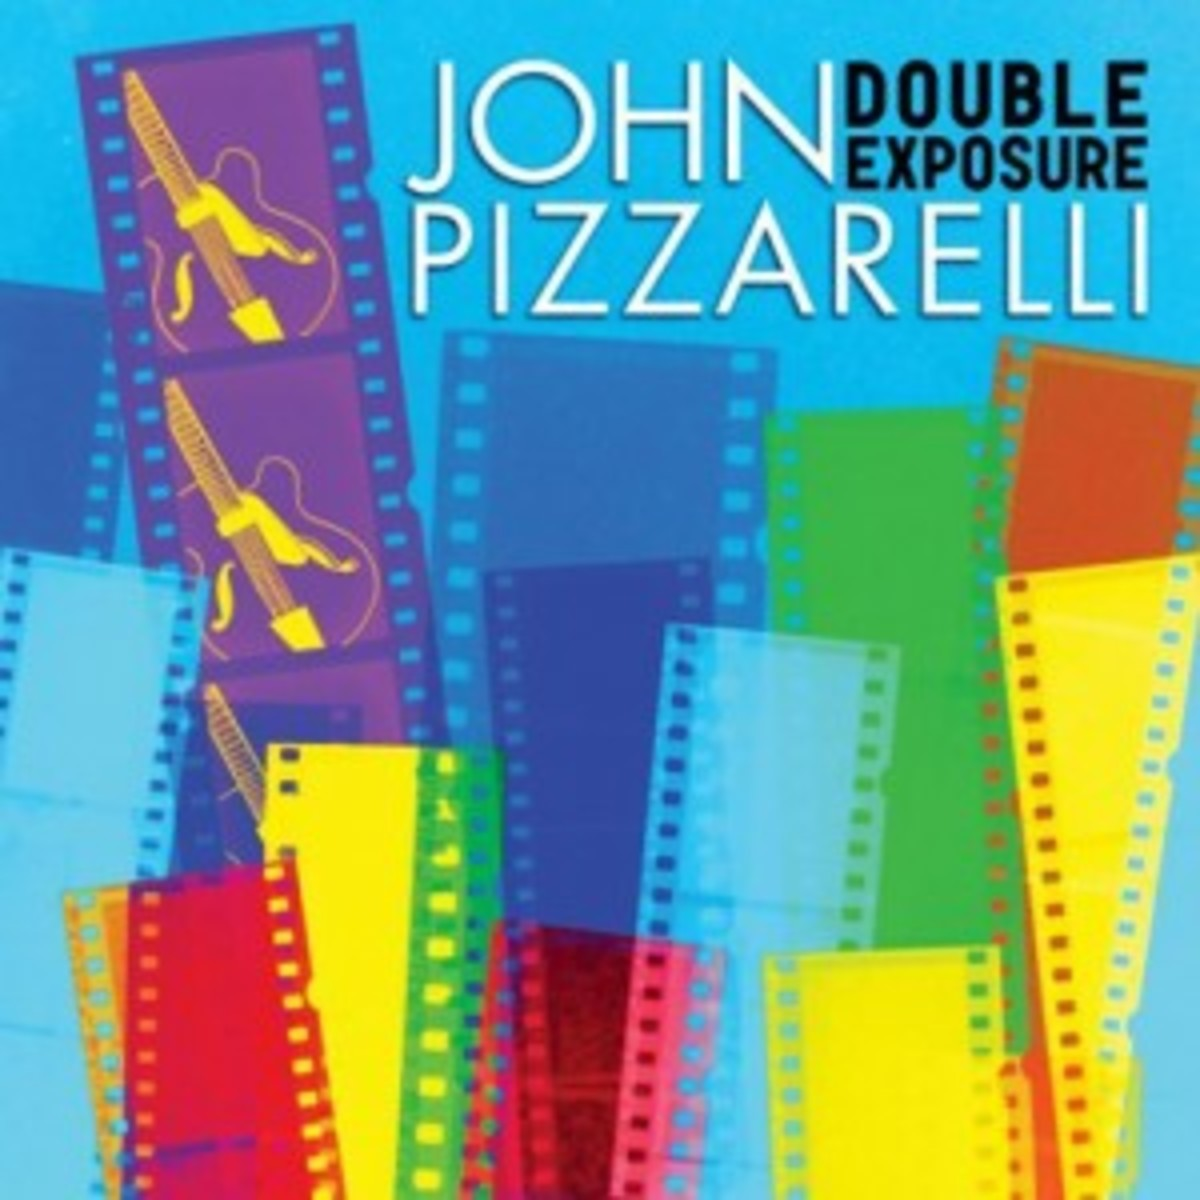 John_Pizzarelli_DoubleExposure